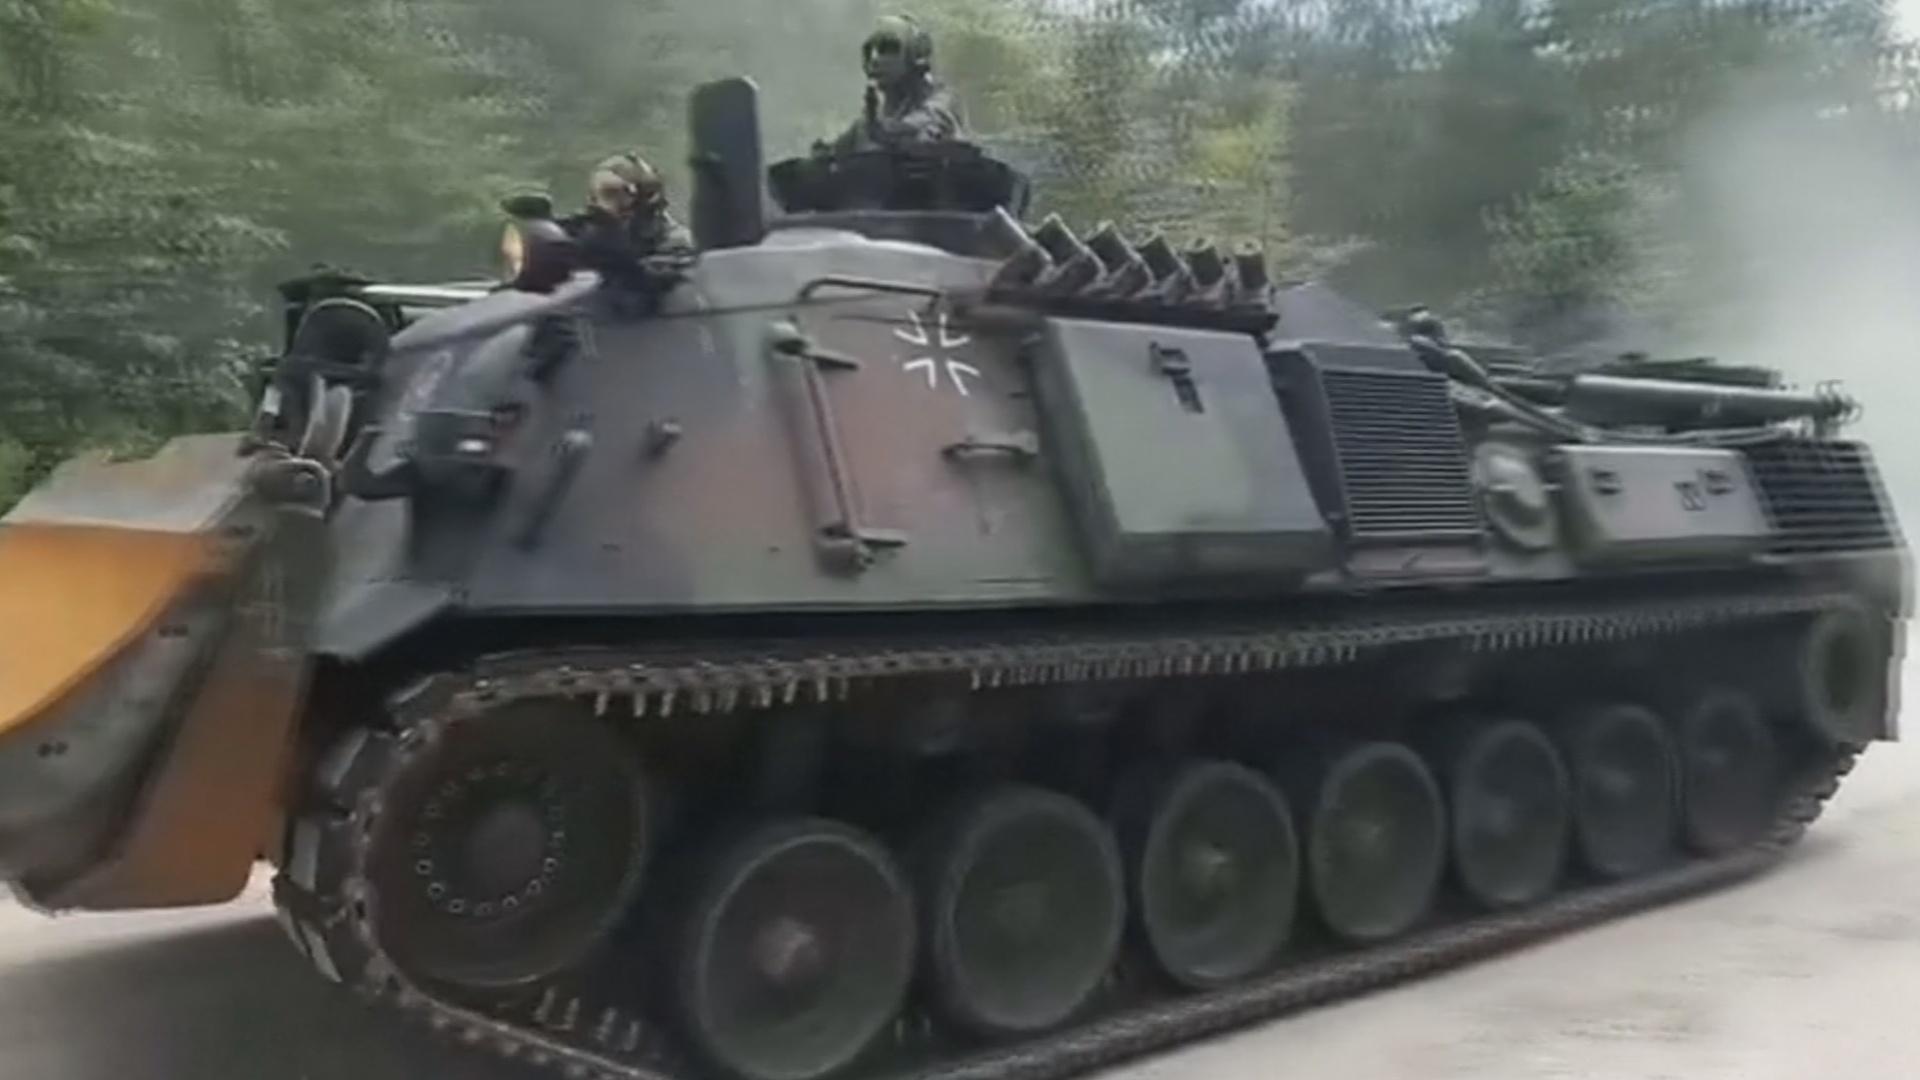 К тушению крупнейшего лесного пожара на севере Германии привлекли армию